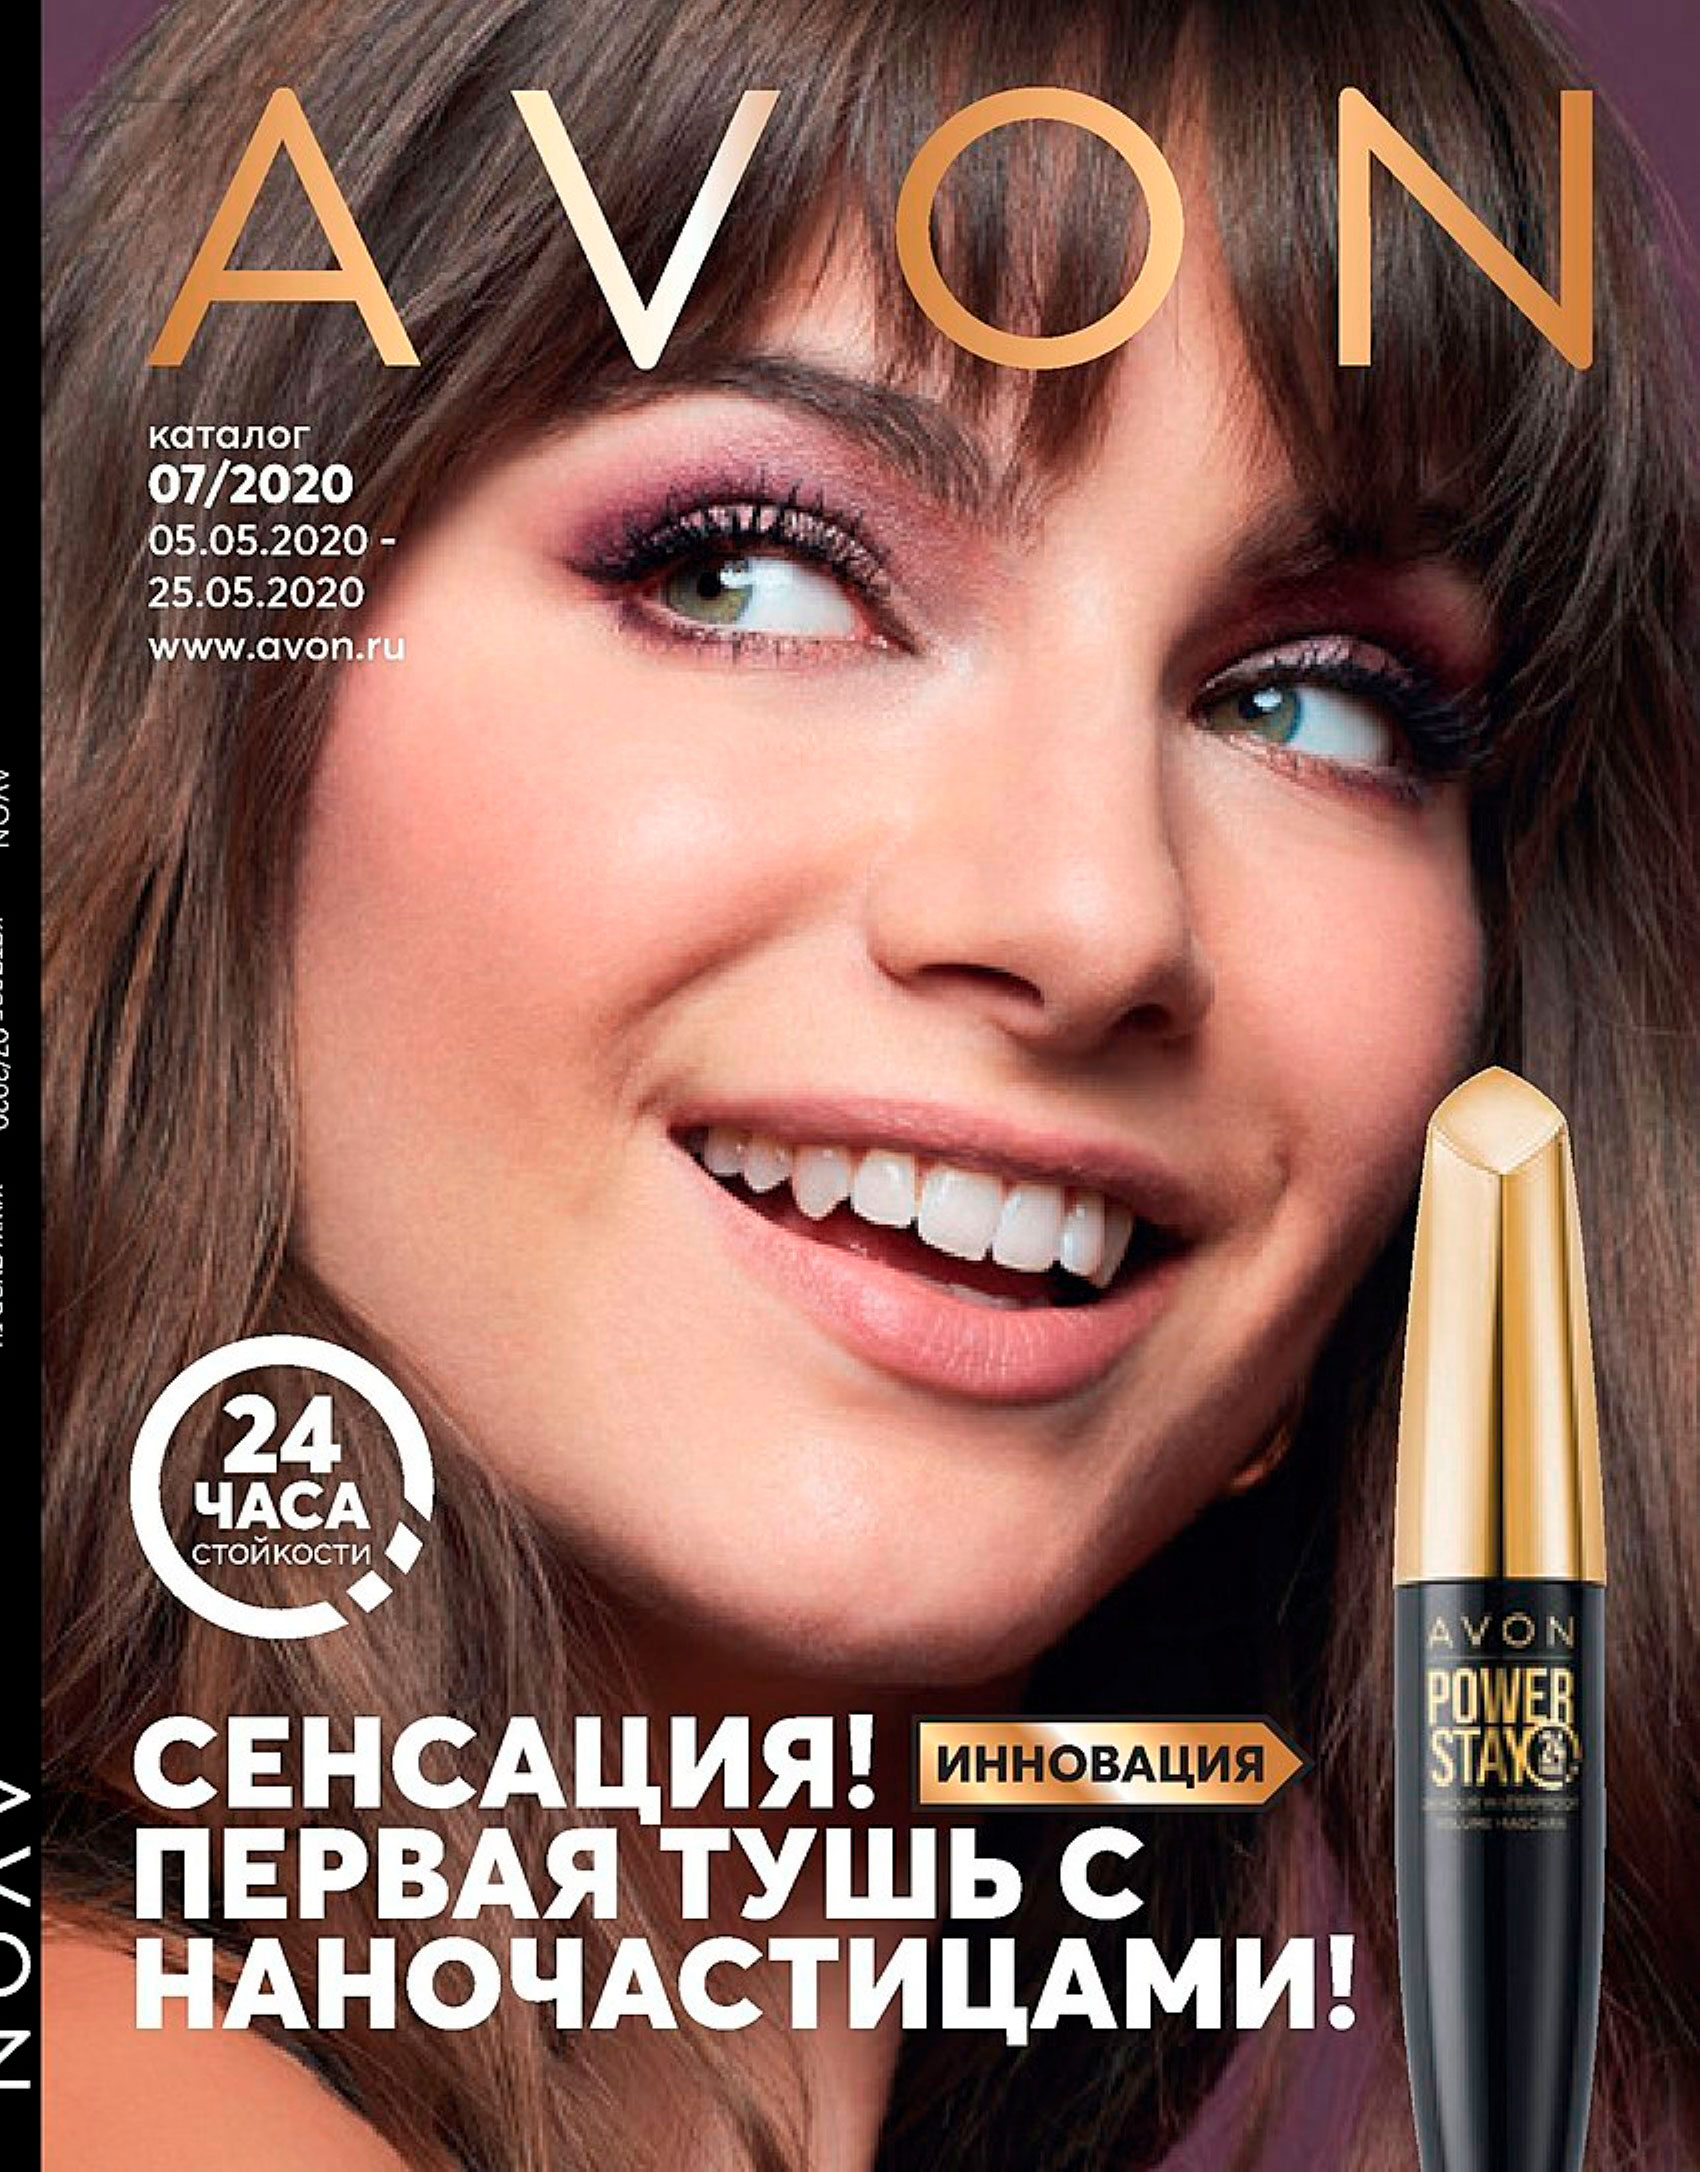 Косметика эйвон смотреть бесплатно итальянская косметика в москве купить